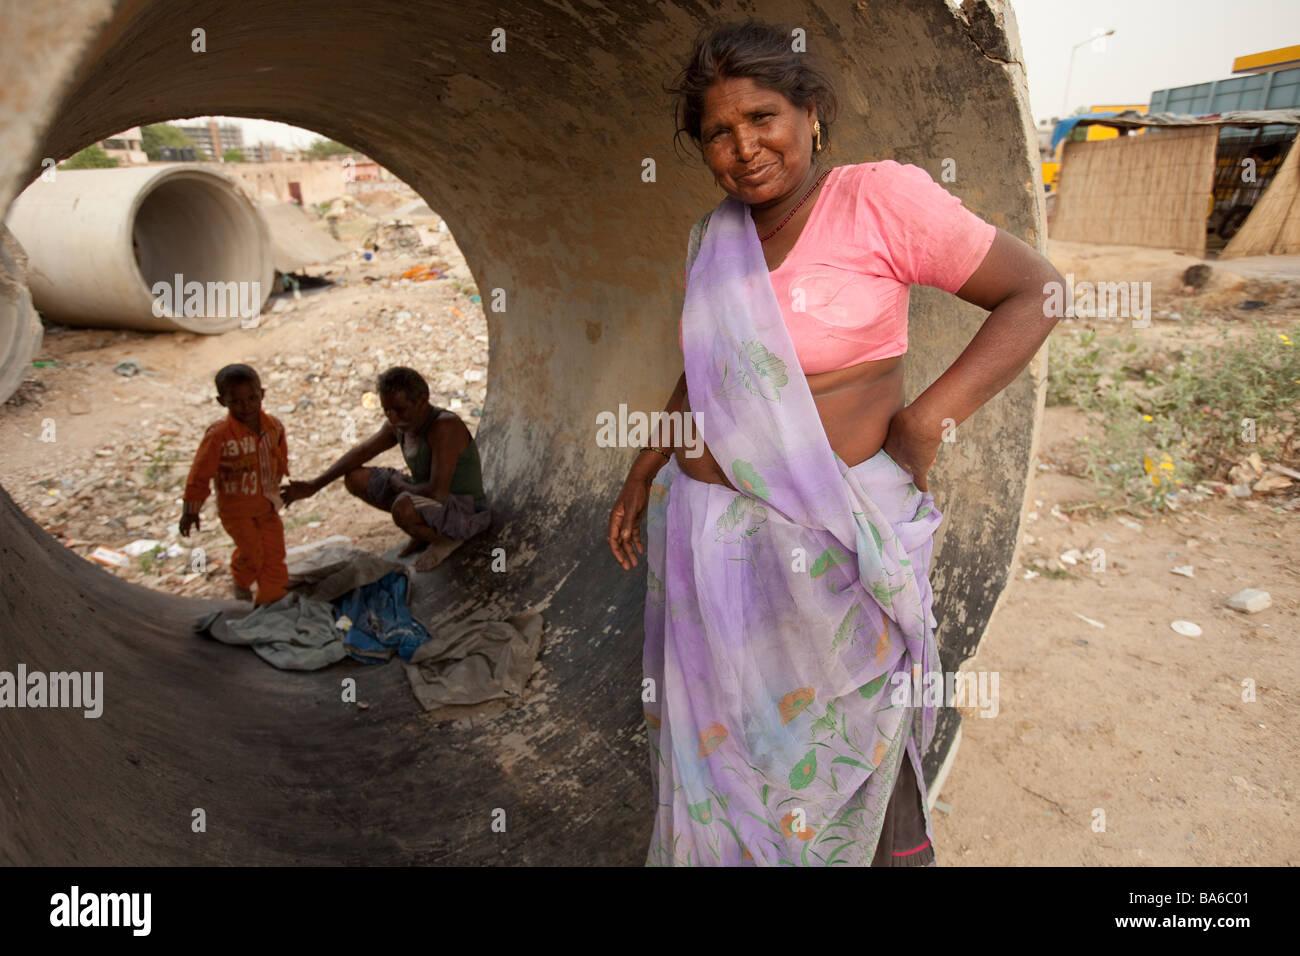 Una famiglia indiana accovacciata tra tubazioni fognature Costruzione opposta zona in Gurgaon una città satellite Immagini Stock